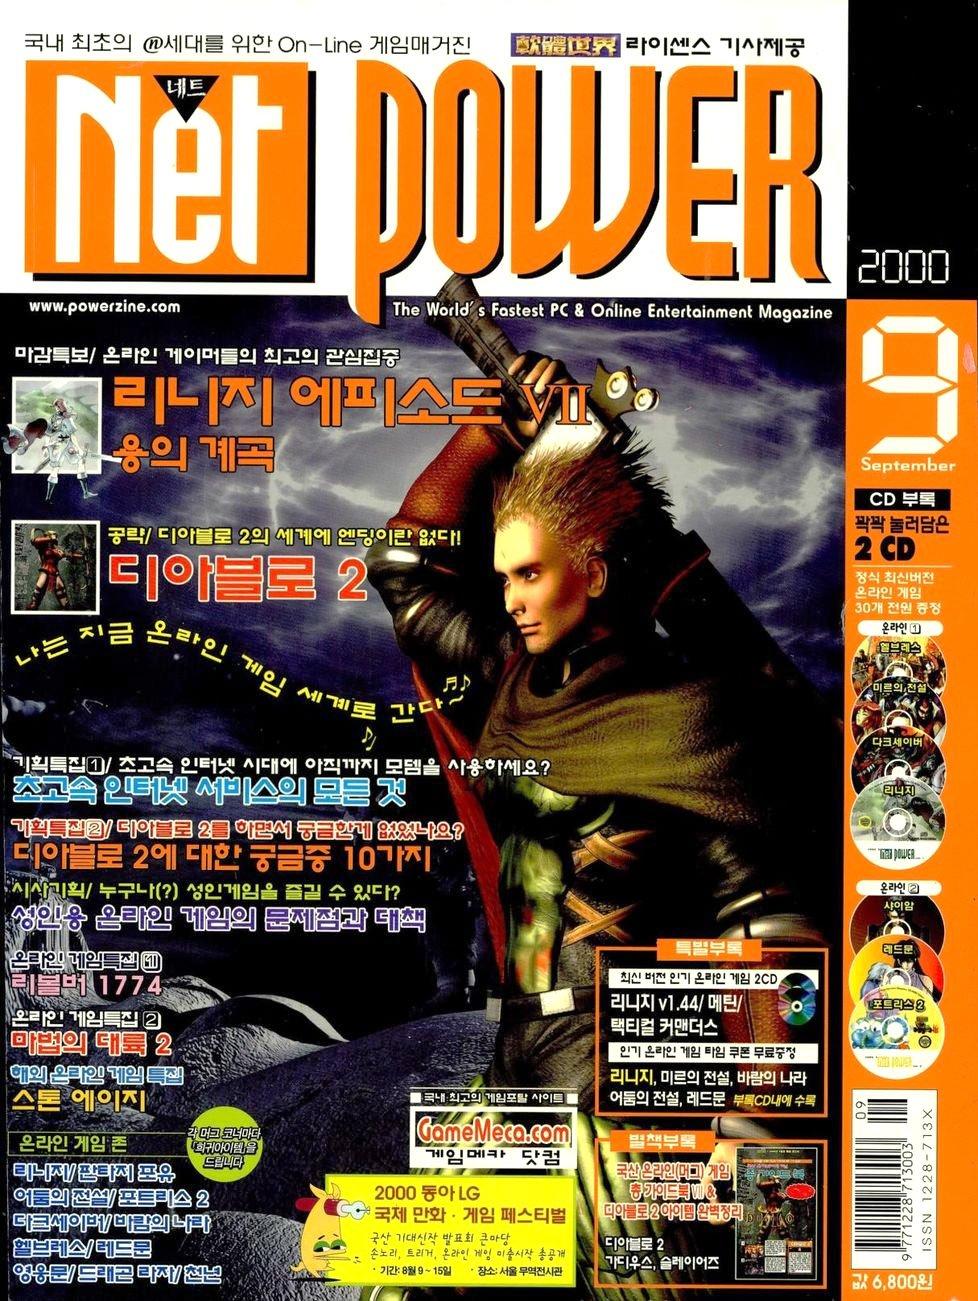 Net Power Issue 12 (September 2000)